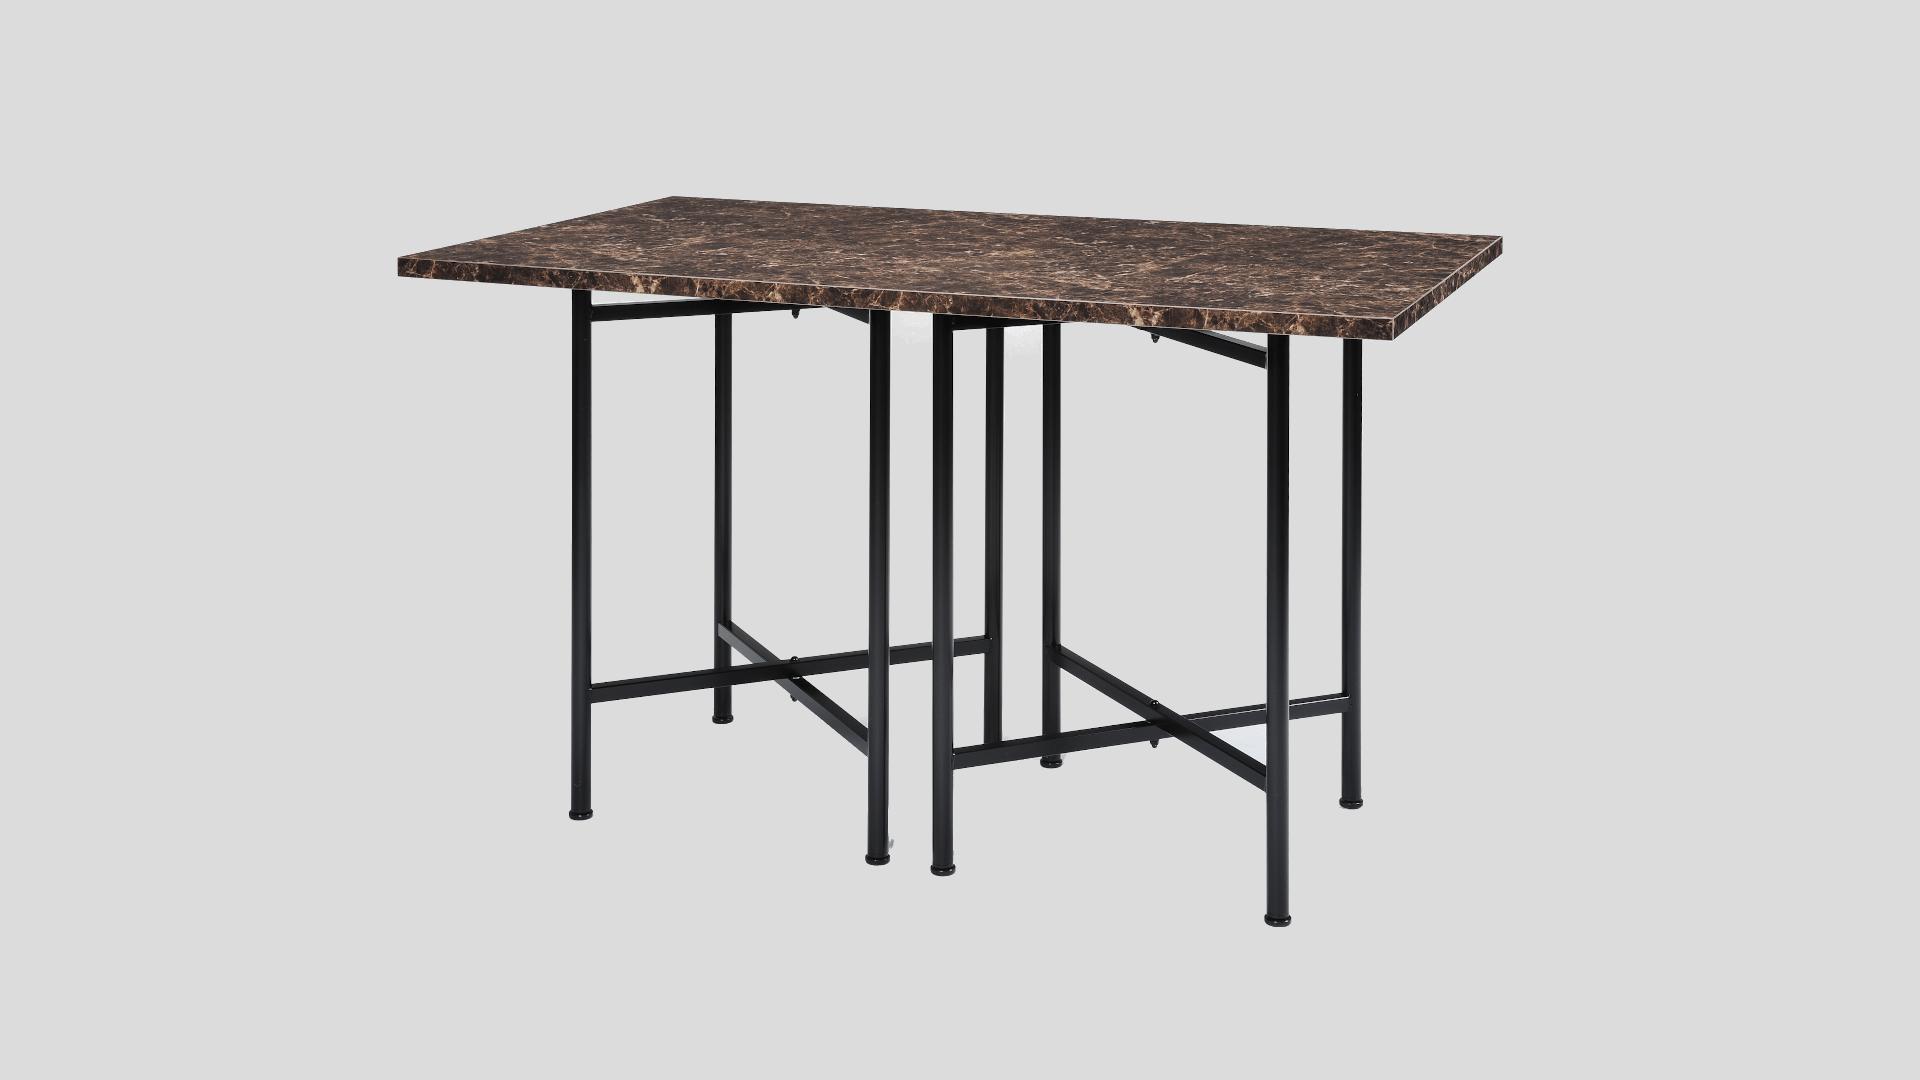 スプレッドテーブル01 イメージ